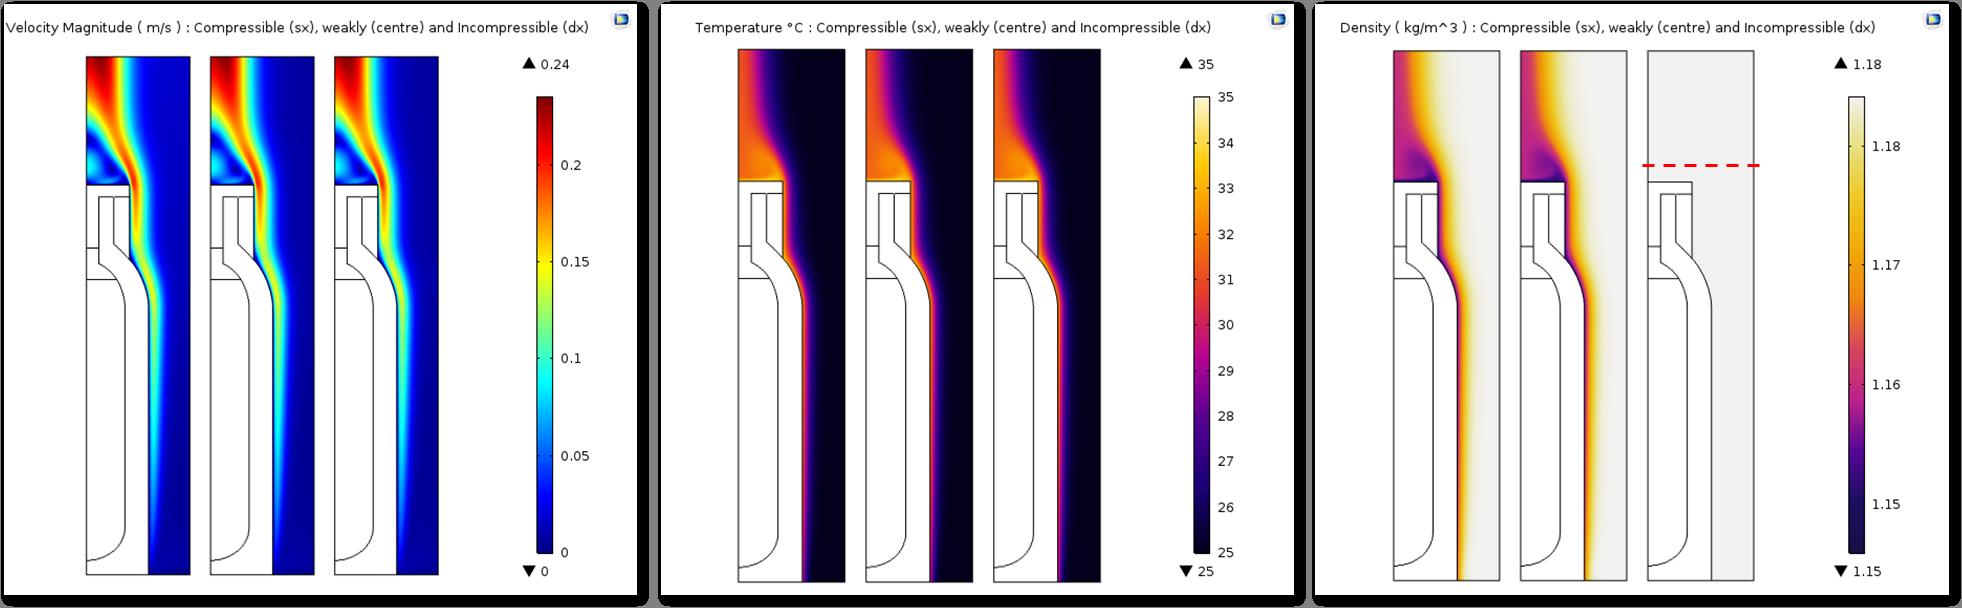 三张绘图对比了不同压缩选项的速度、温度和密度。